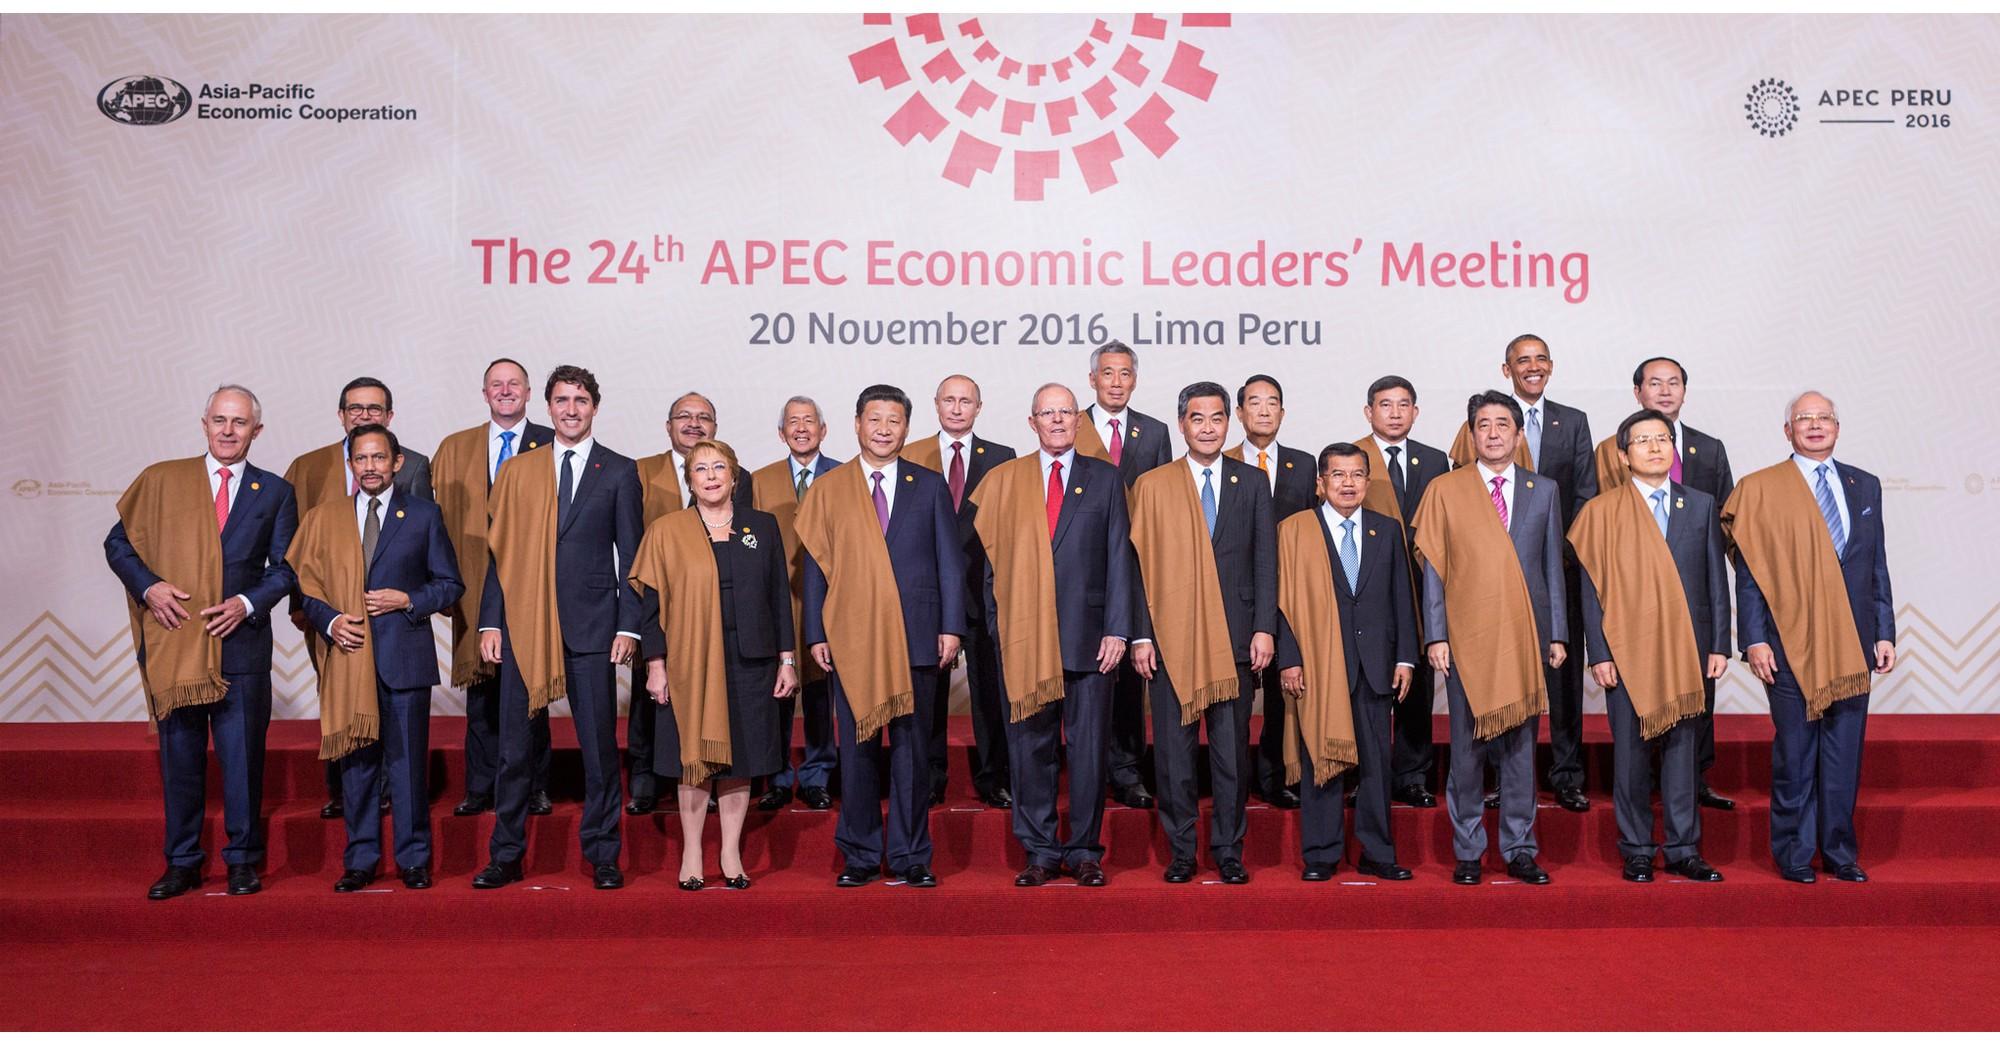 """APEC, toàn cầu hóa và những """"cơn gió ngược"""" - Ảnh 8."""